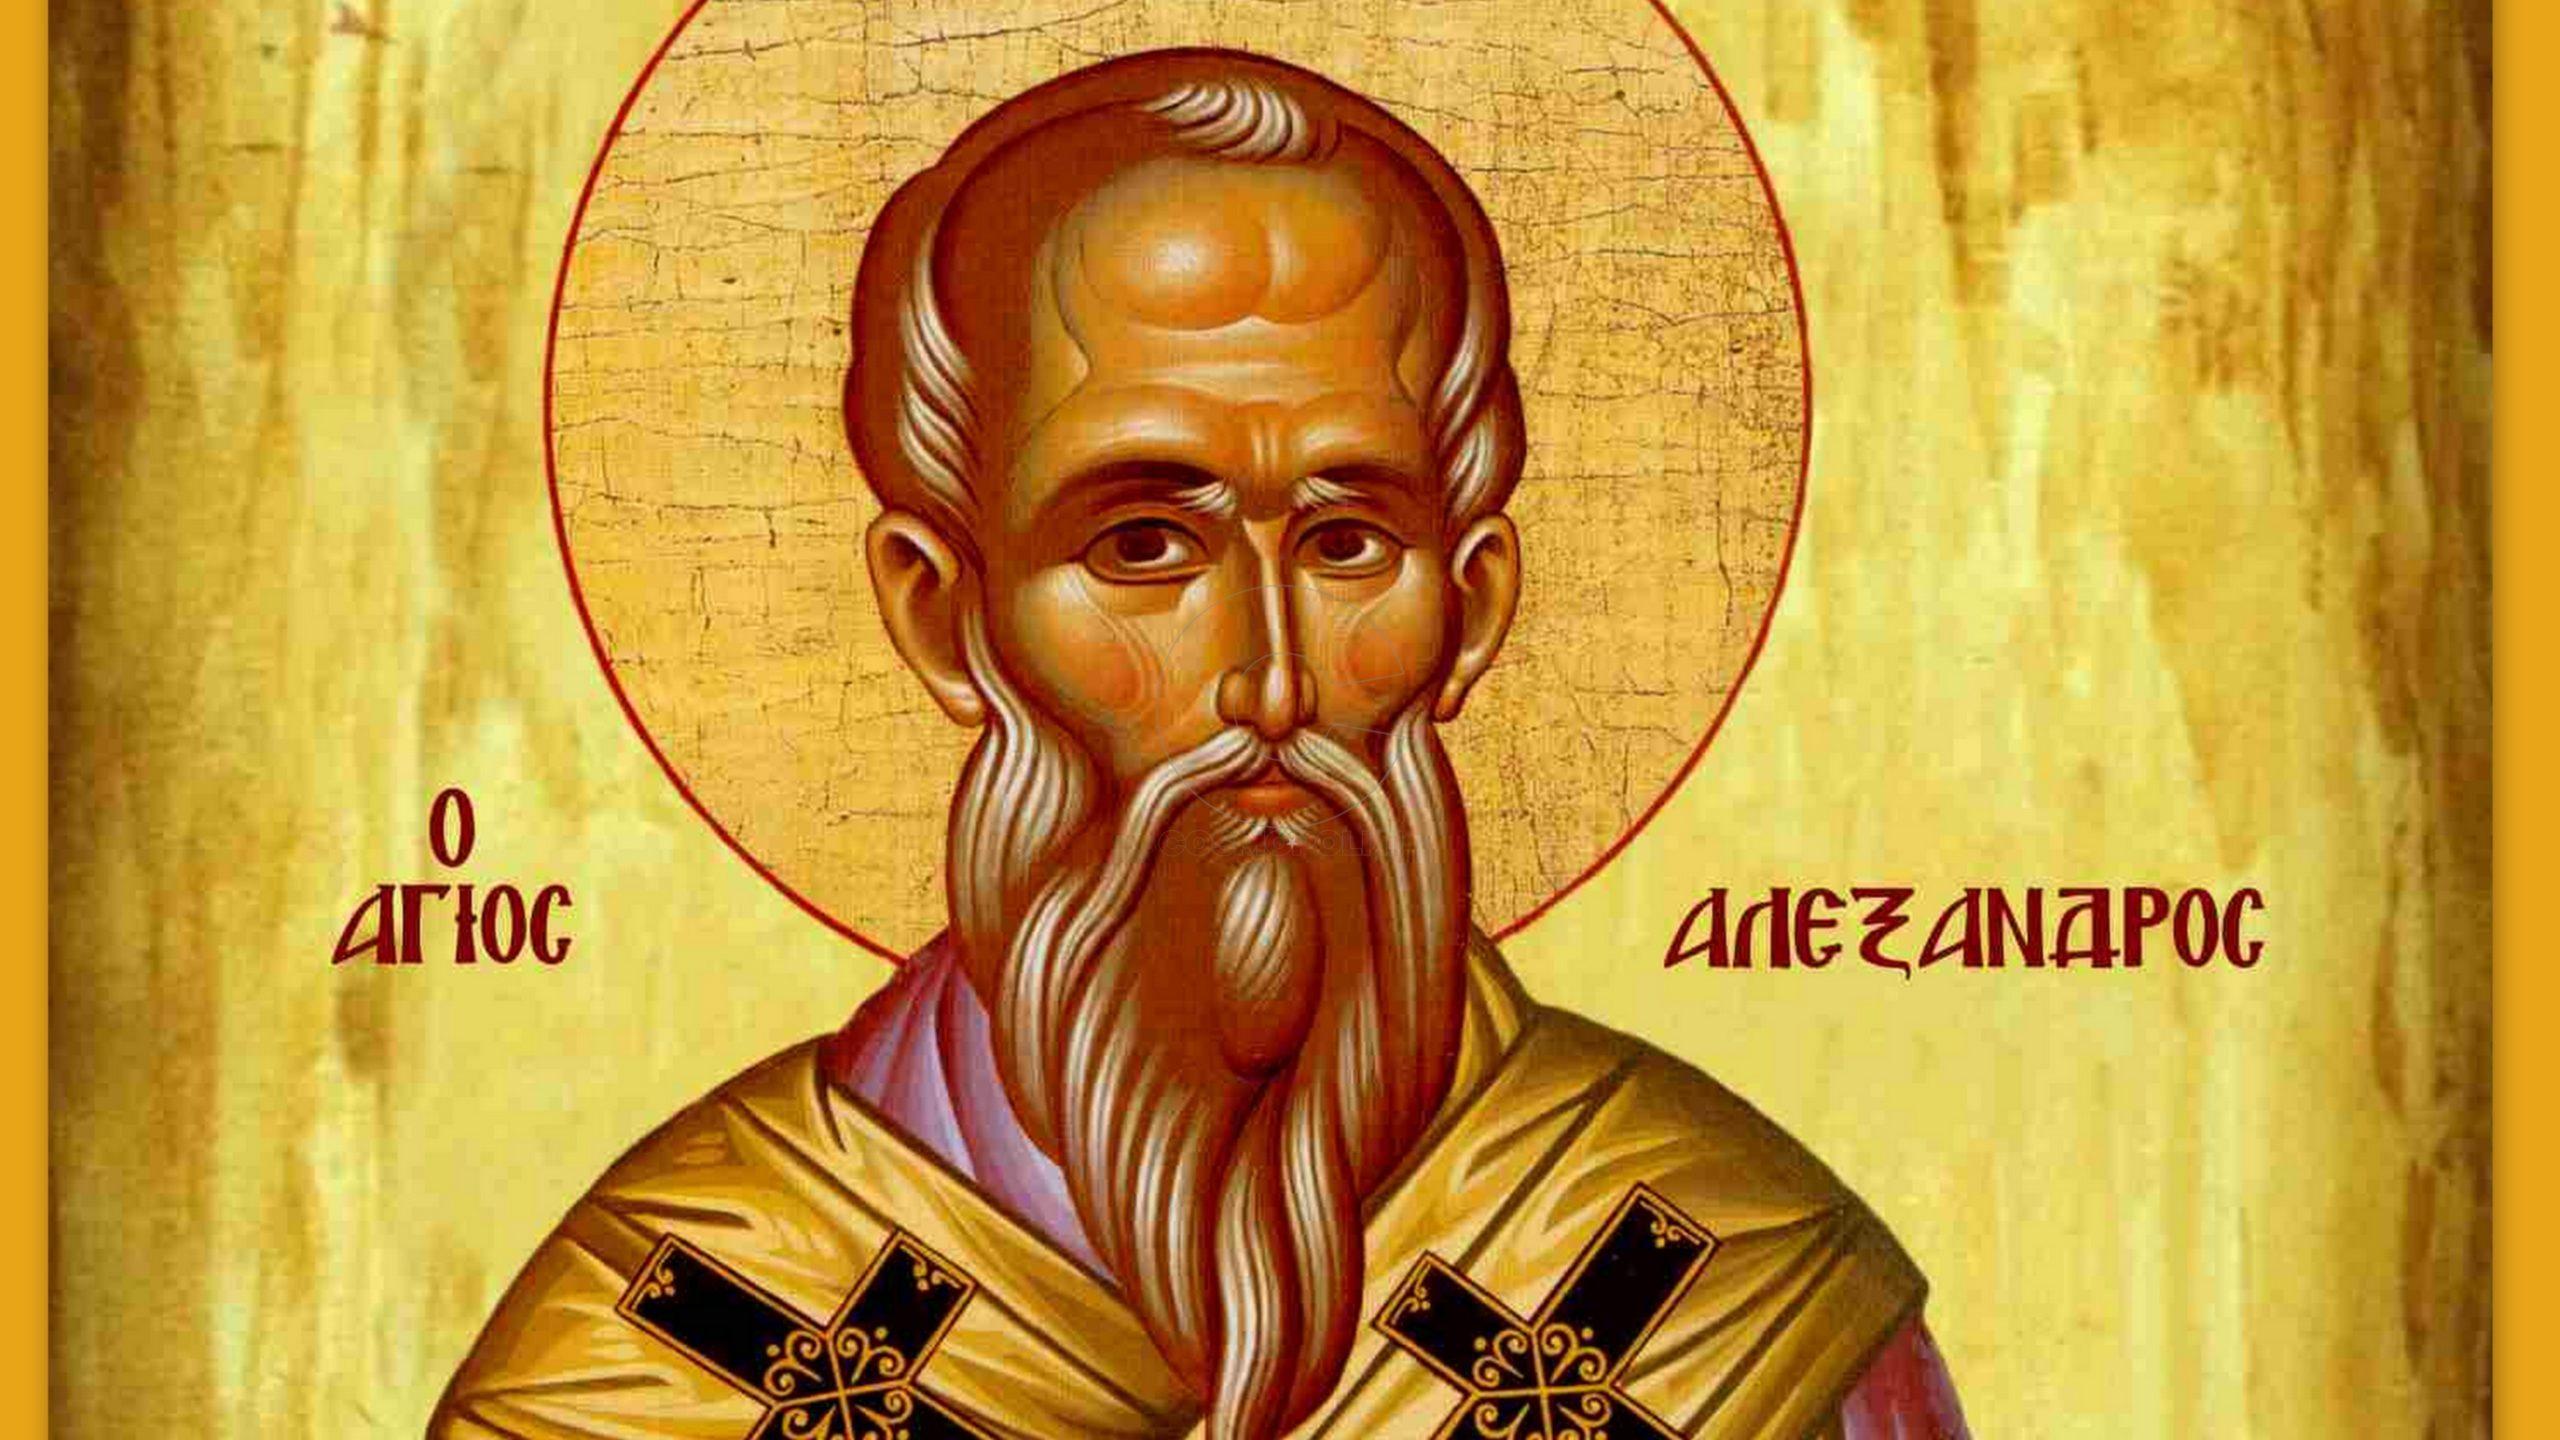 αγιος αλεξανδρος